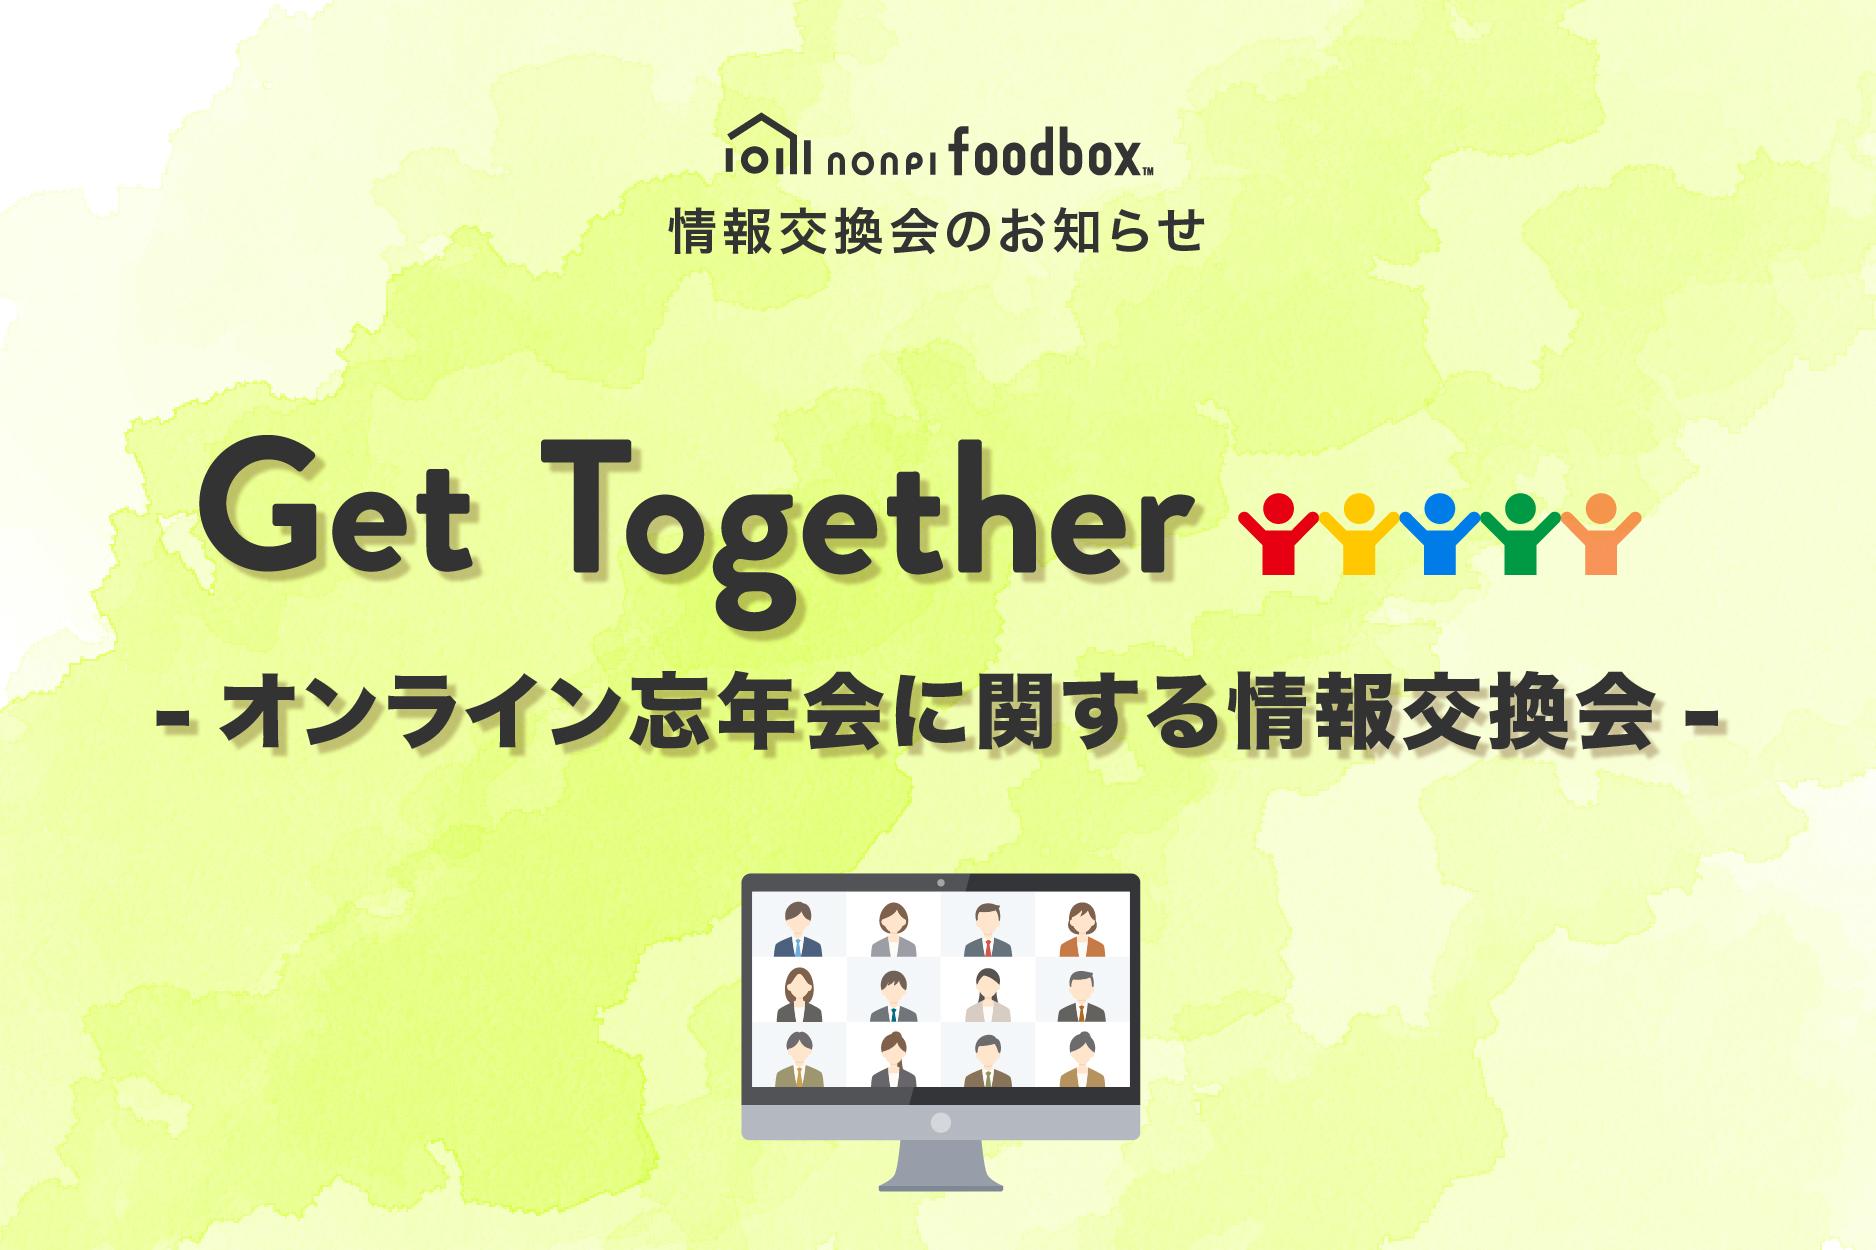 〈オンライン忘年会開催に悩む幹事必見〉ノンピ主催の「オンライン情報交換会」開催。企業のオンラインコミュニケーションを全力でサポートします!